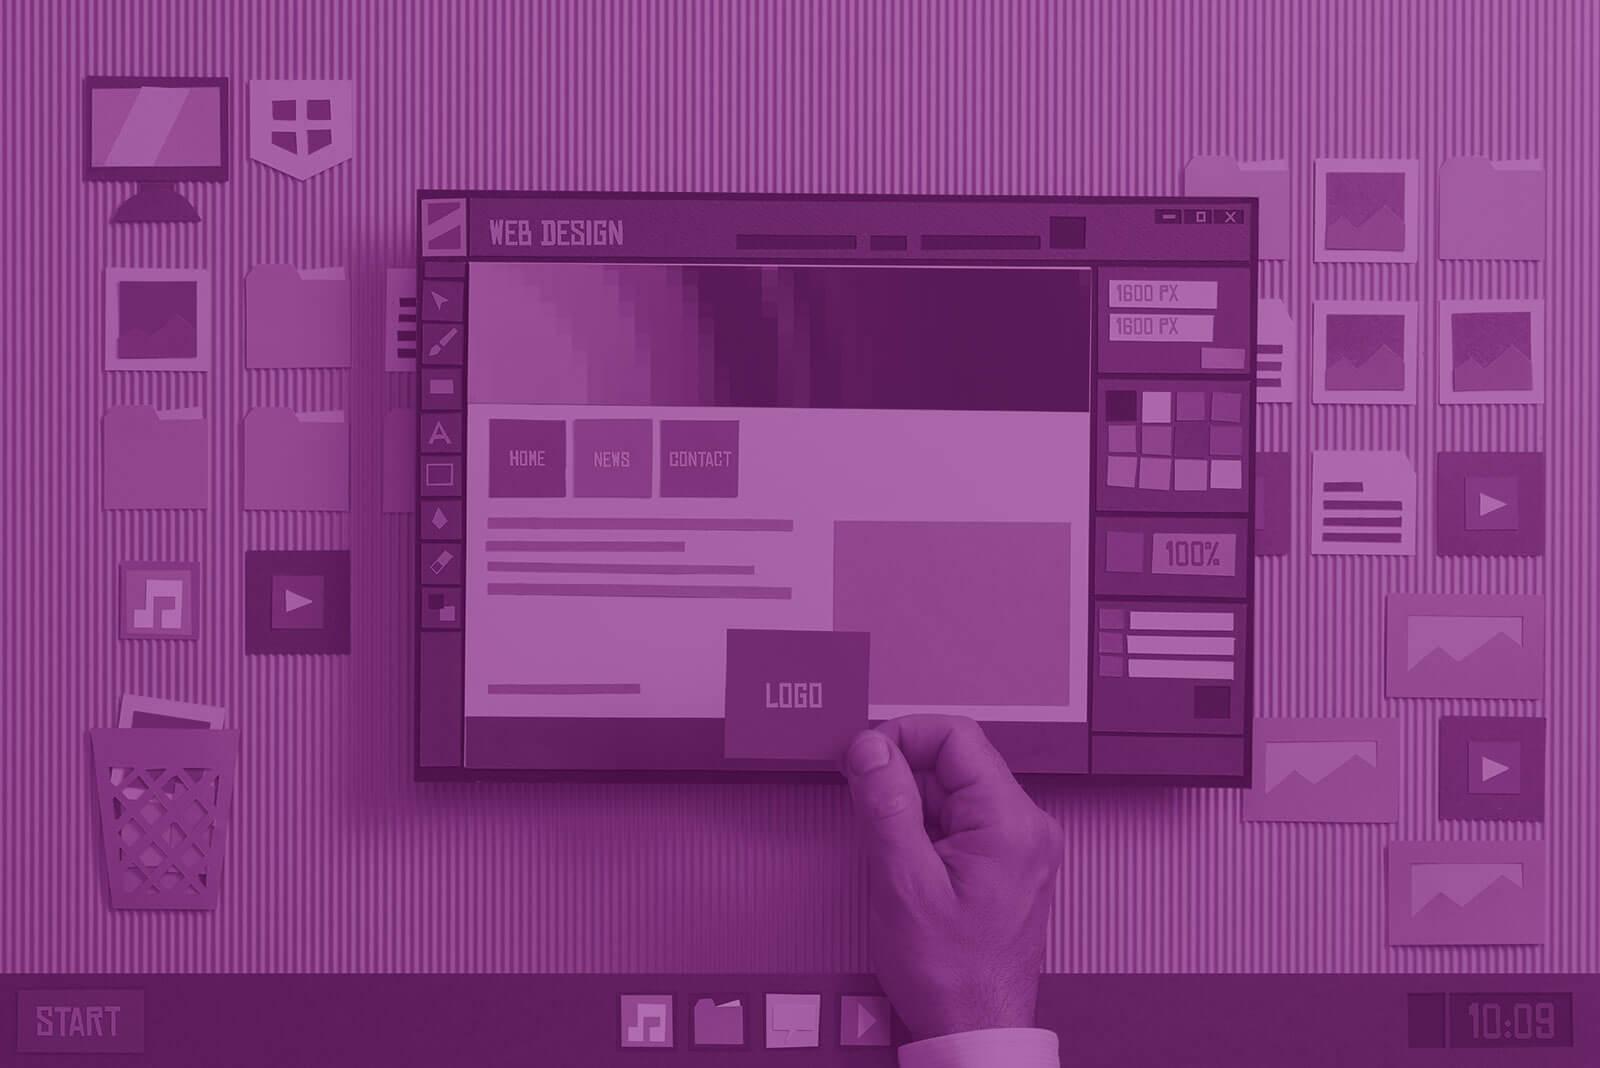 Sélection et personnalisation d'un thème graphique à votre image